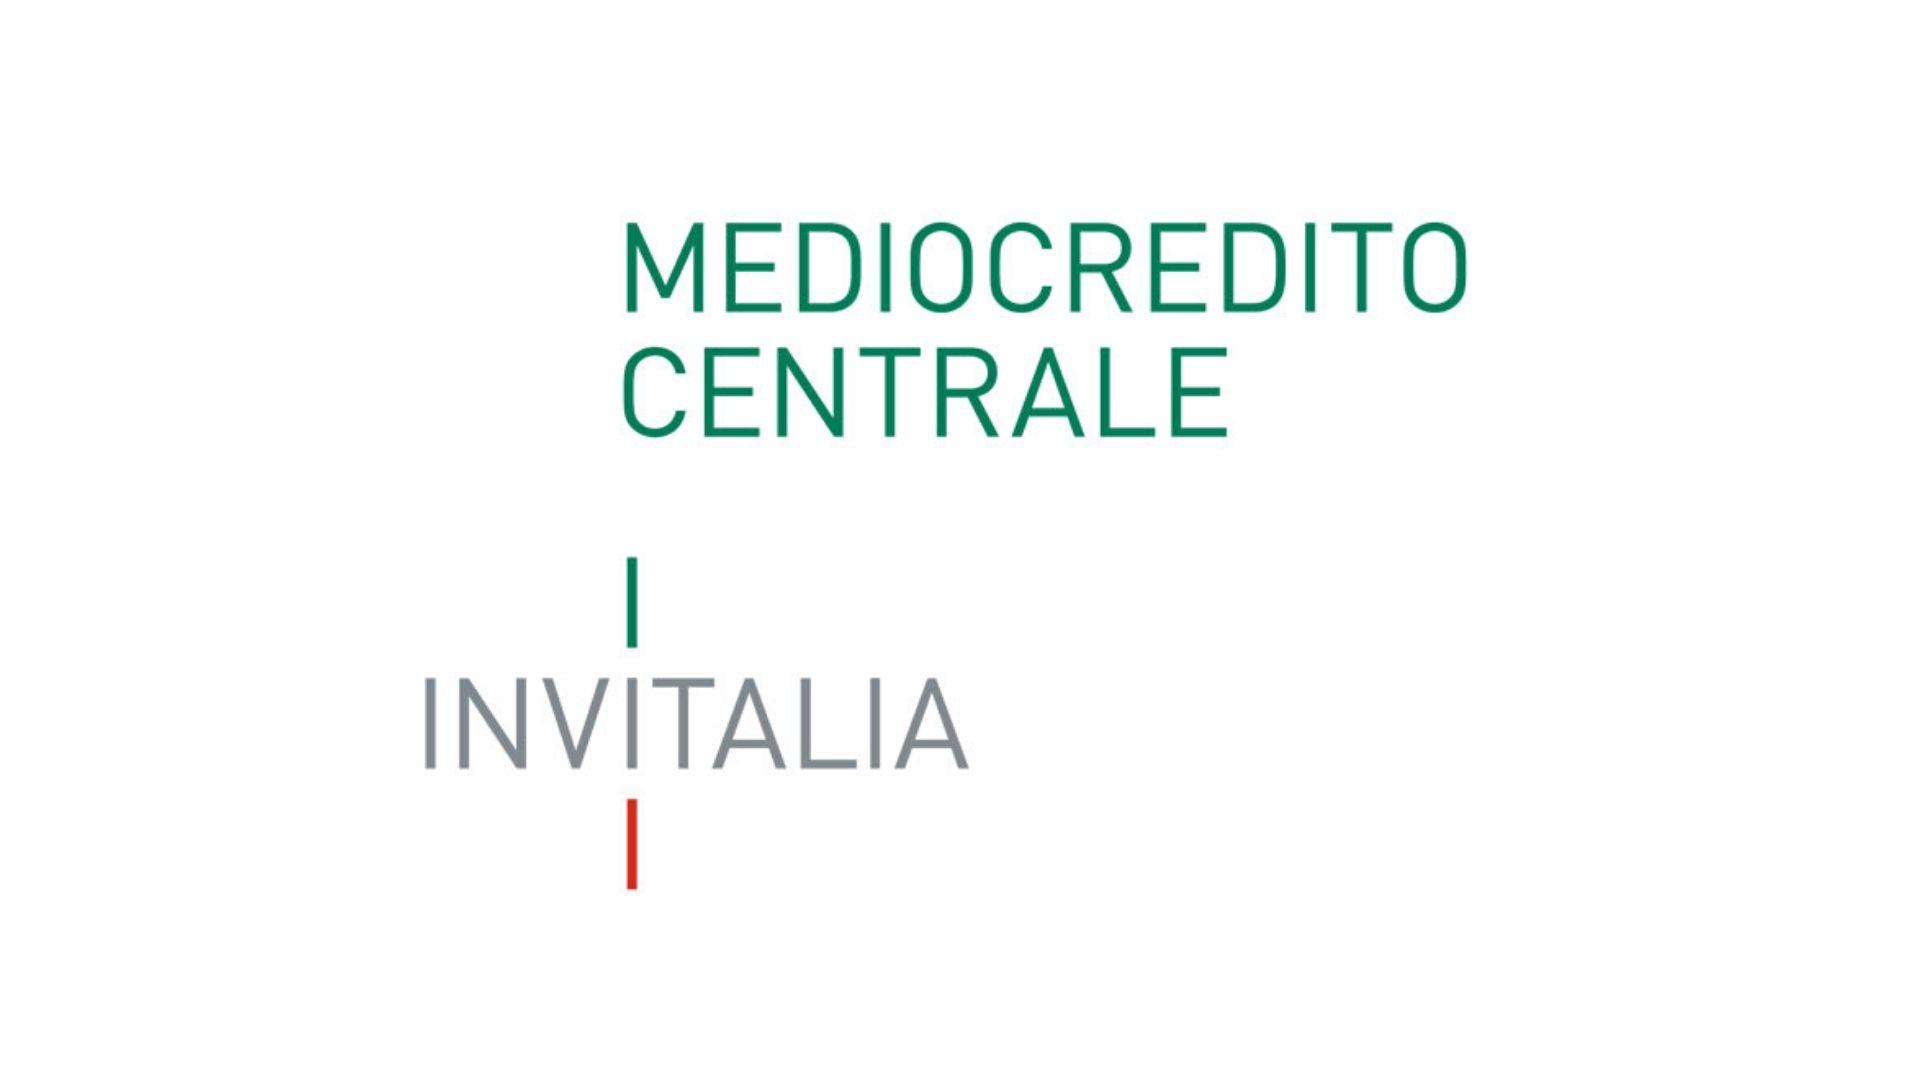 medio credito centrale